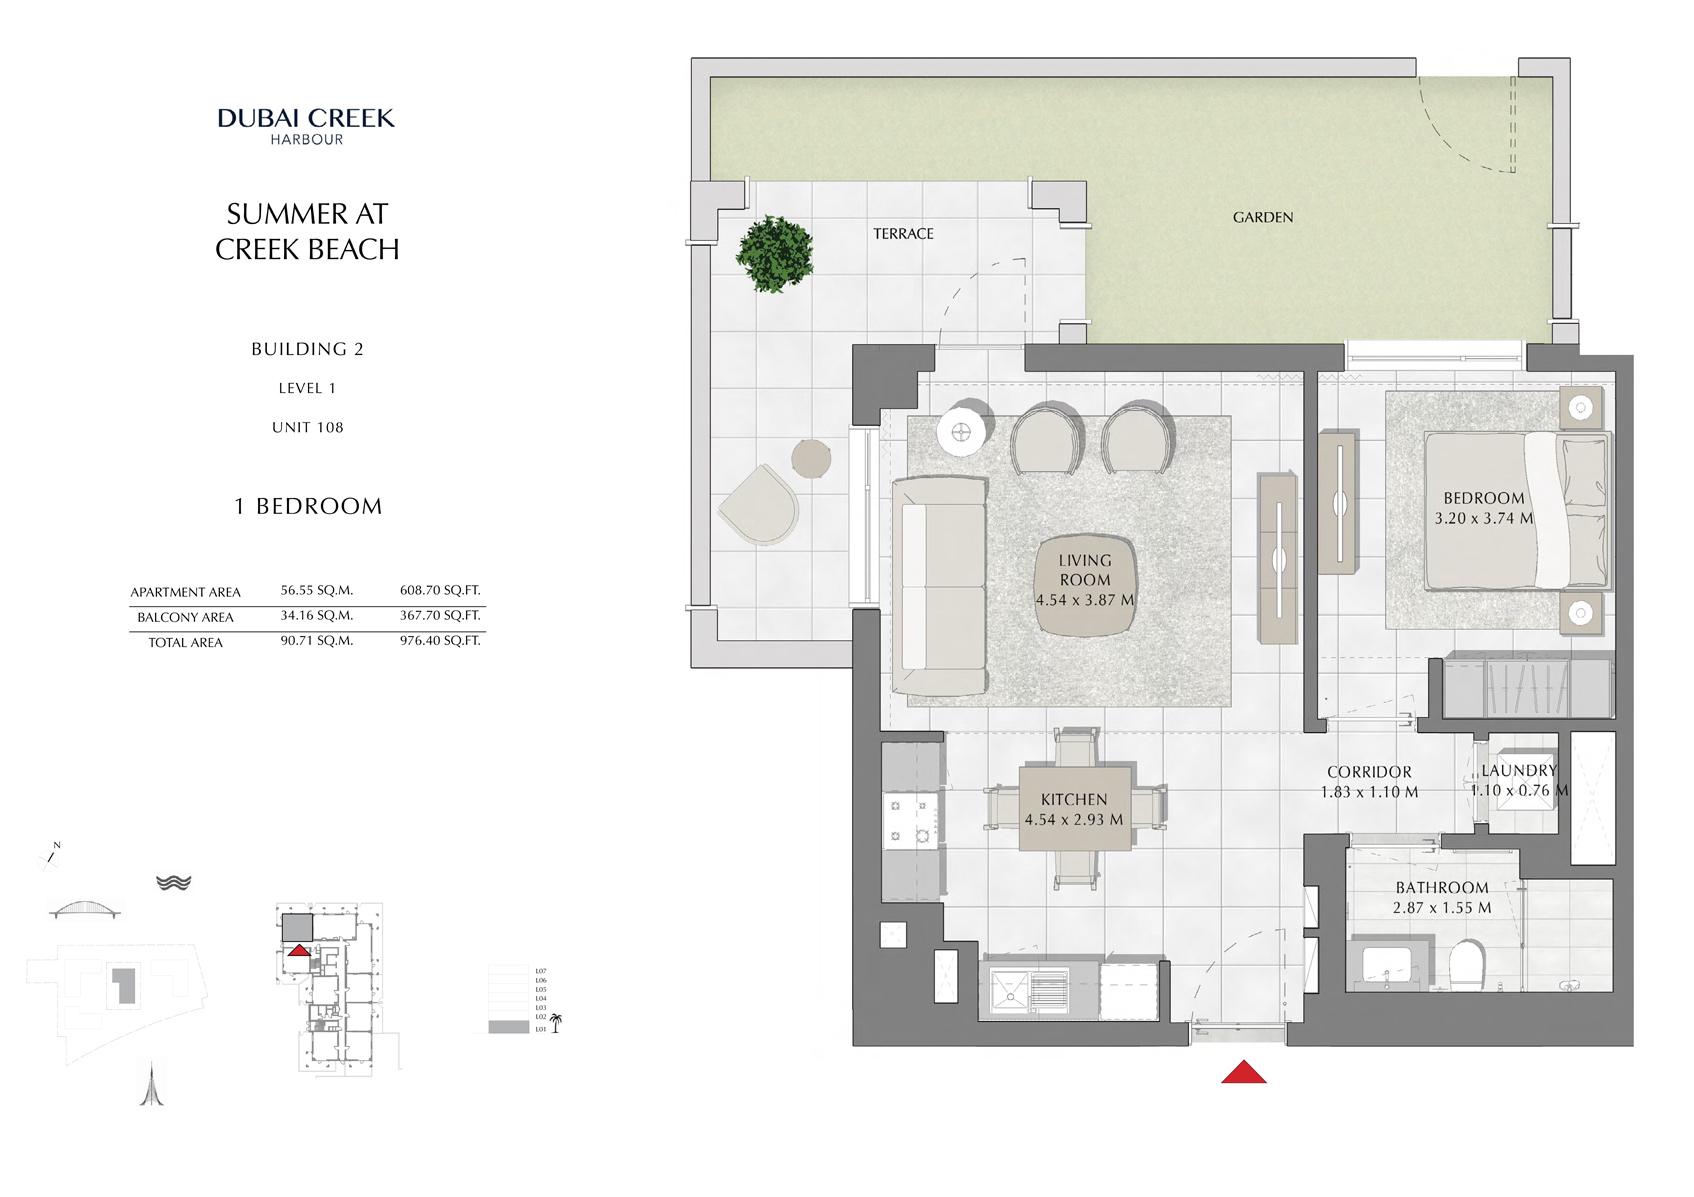 1 Br Building 2 Level 1 Unit 108, Size 976 Sq Ft